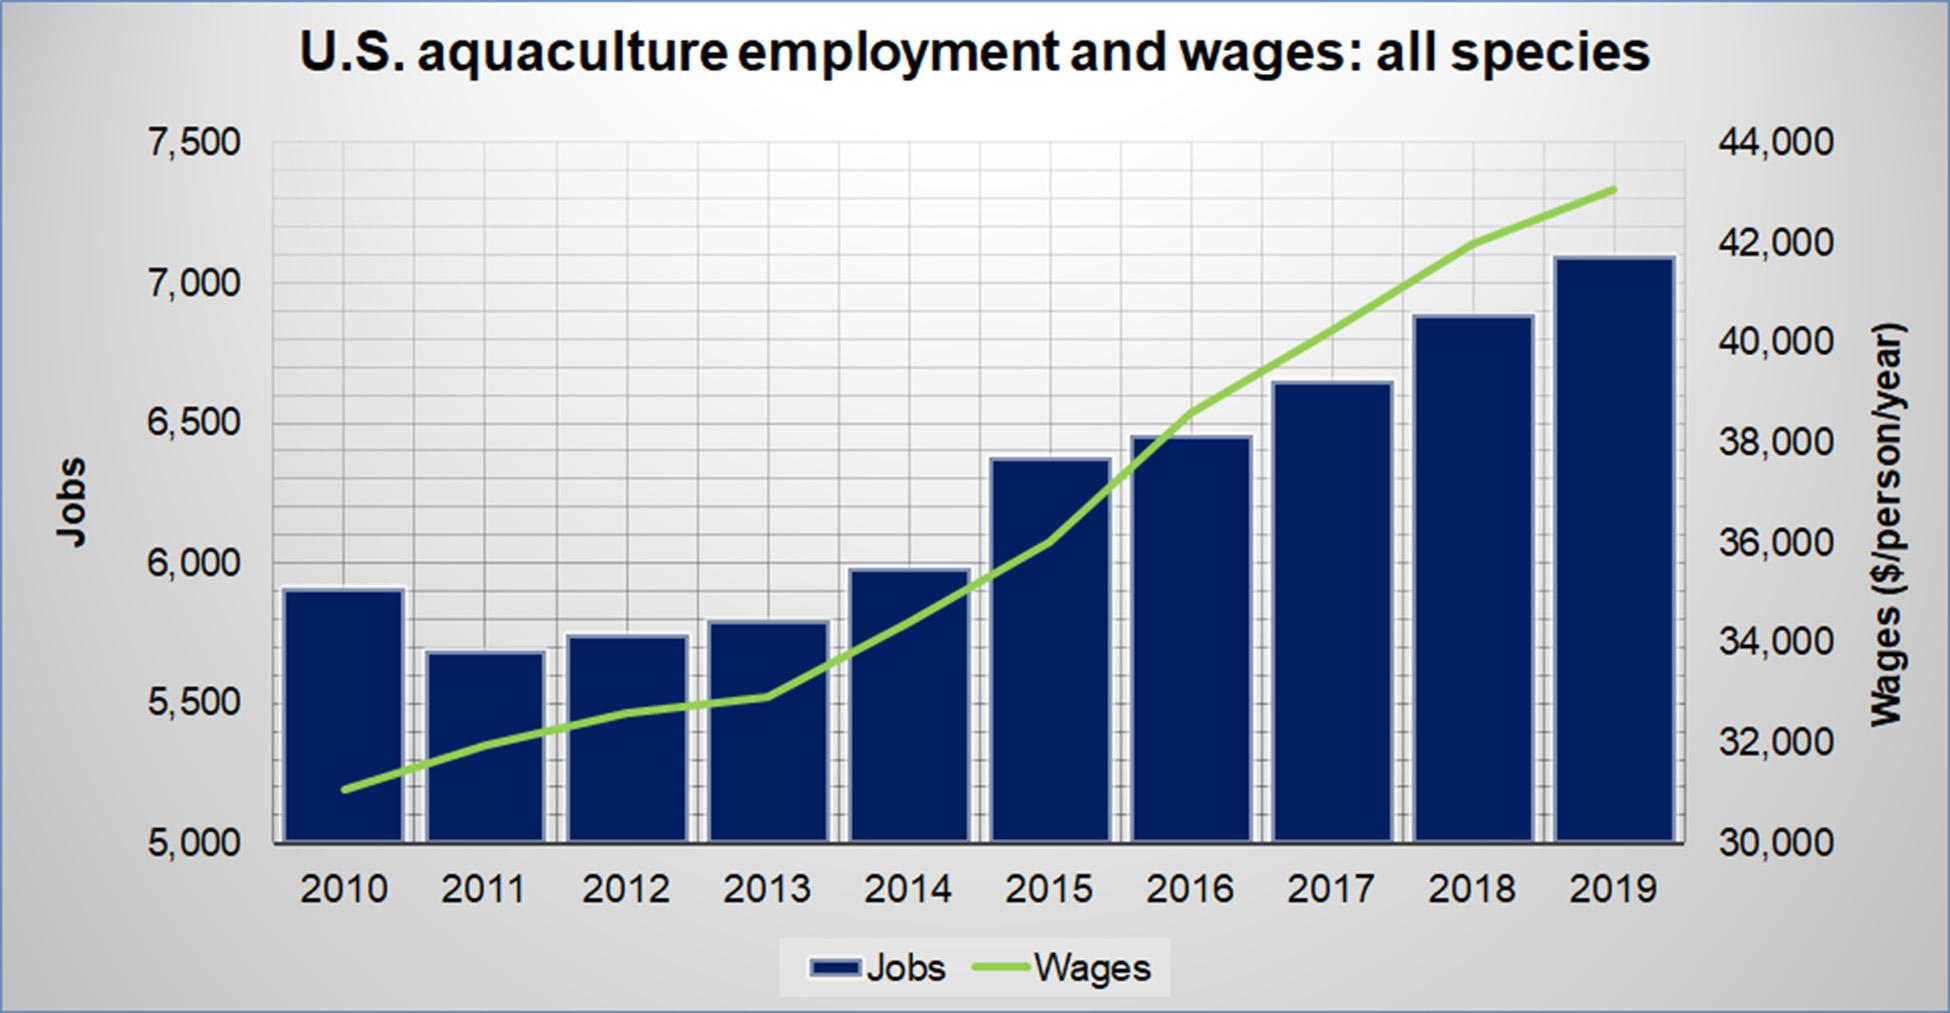 U.S. Aquaculture Jobs and Wages - All Species